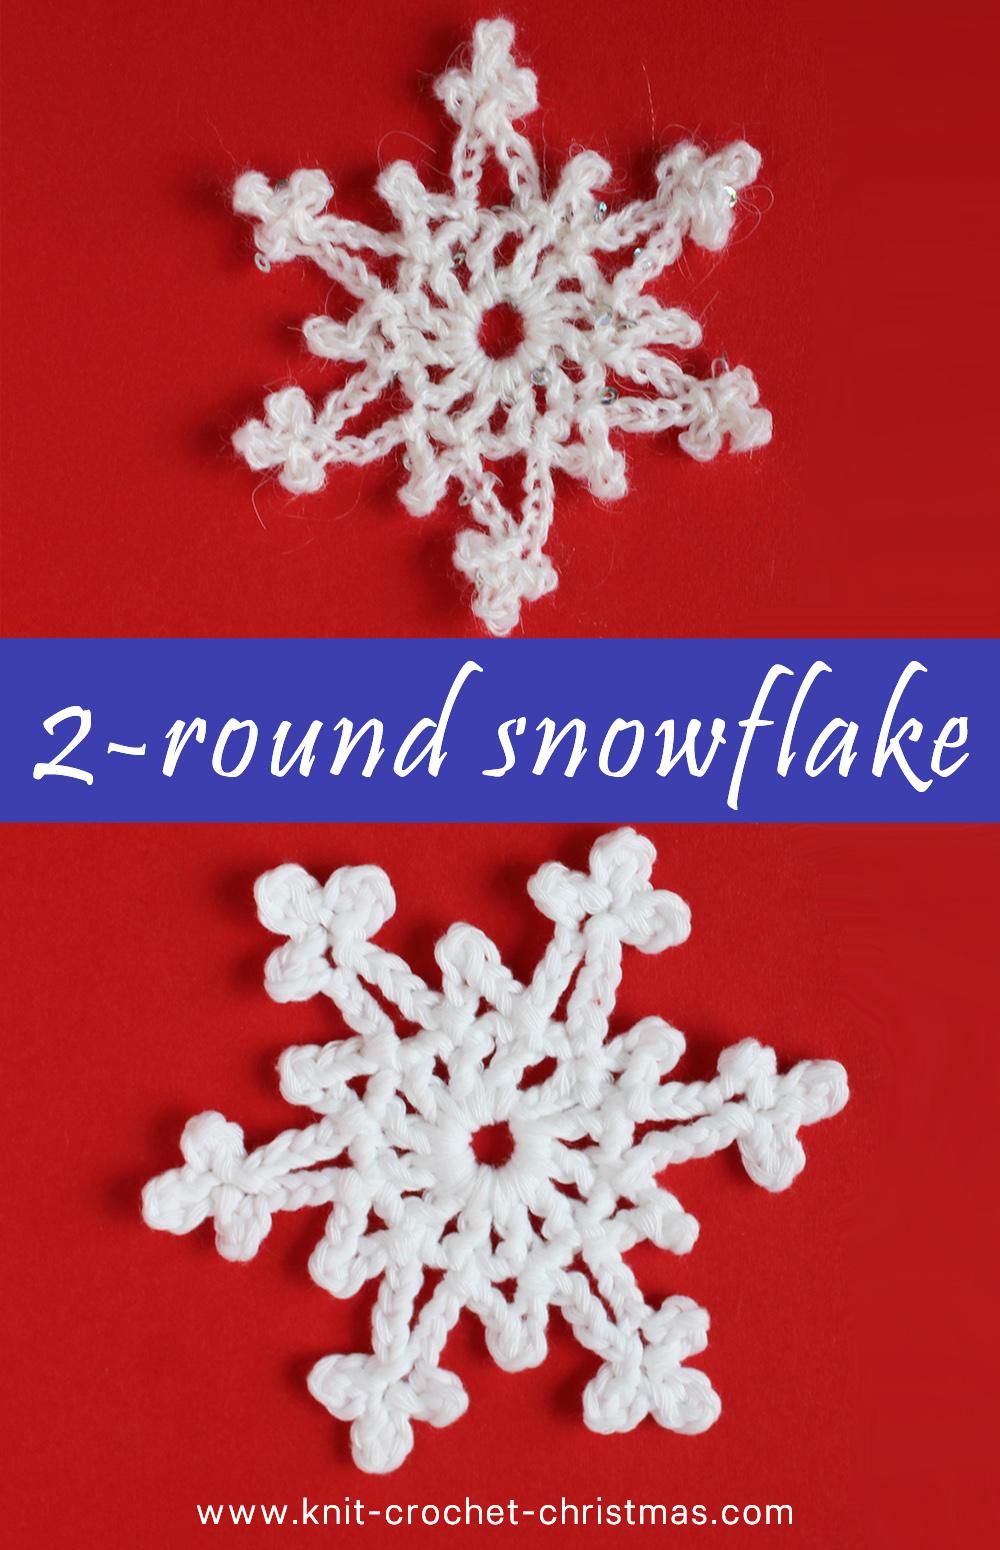 Crochet easy 2-round snowflake